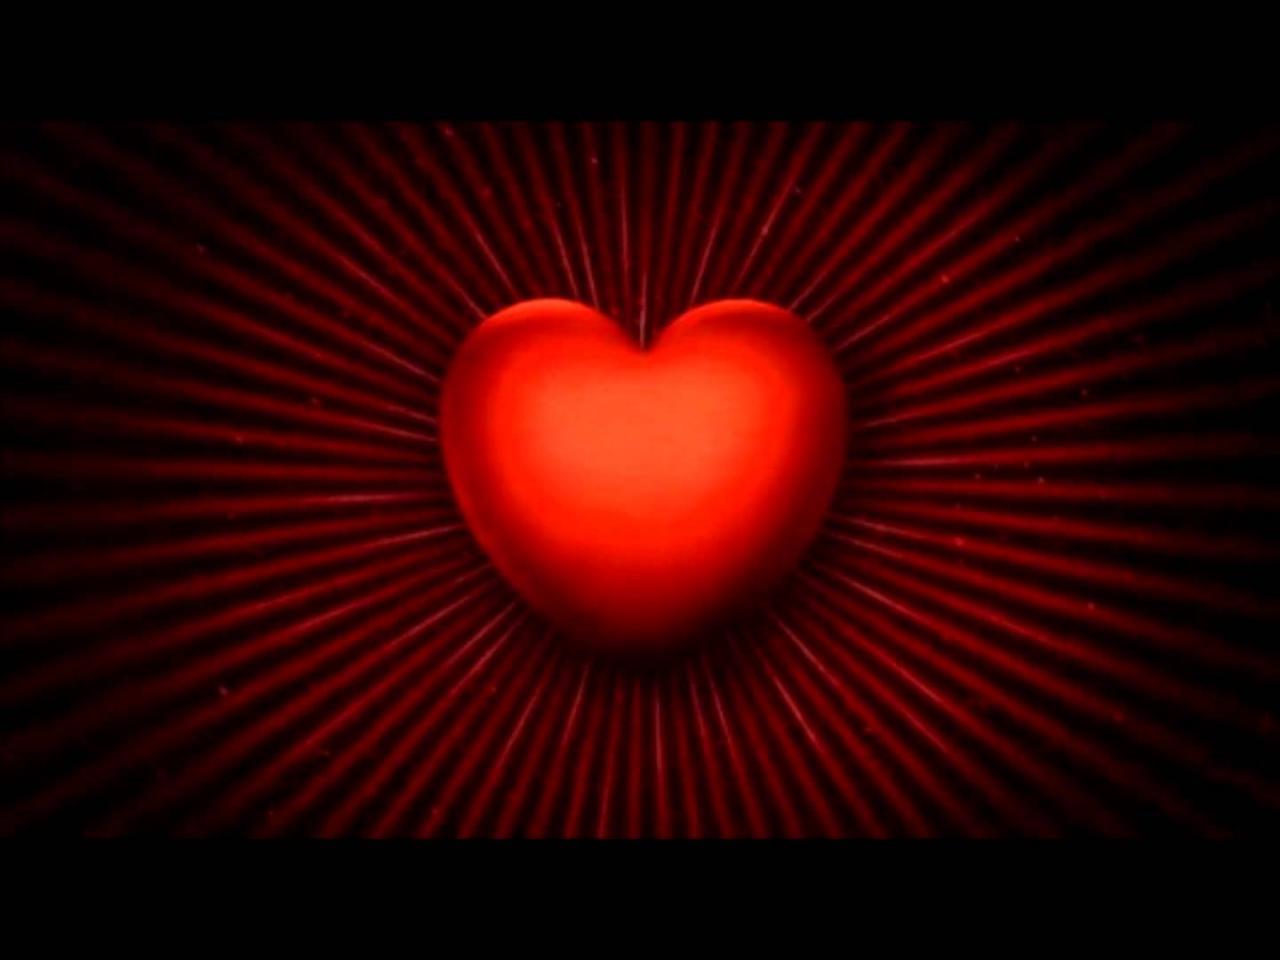 صورة قلوب الحب متحركة 12543 2